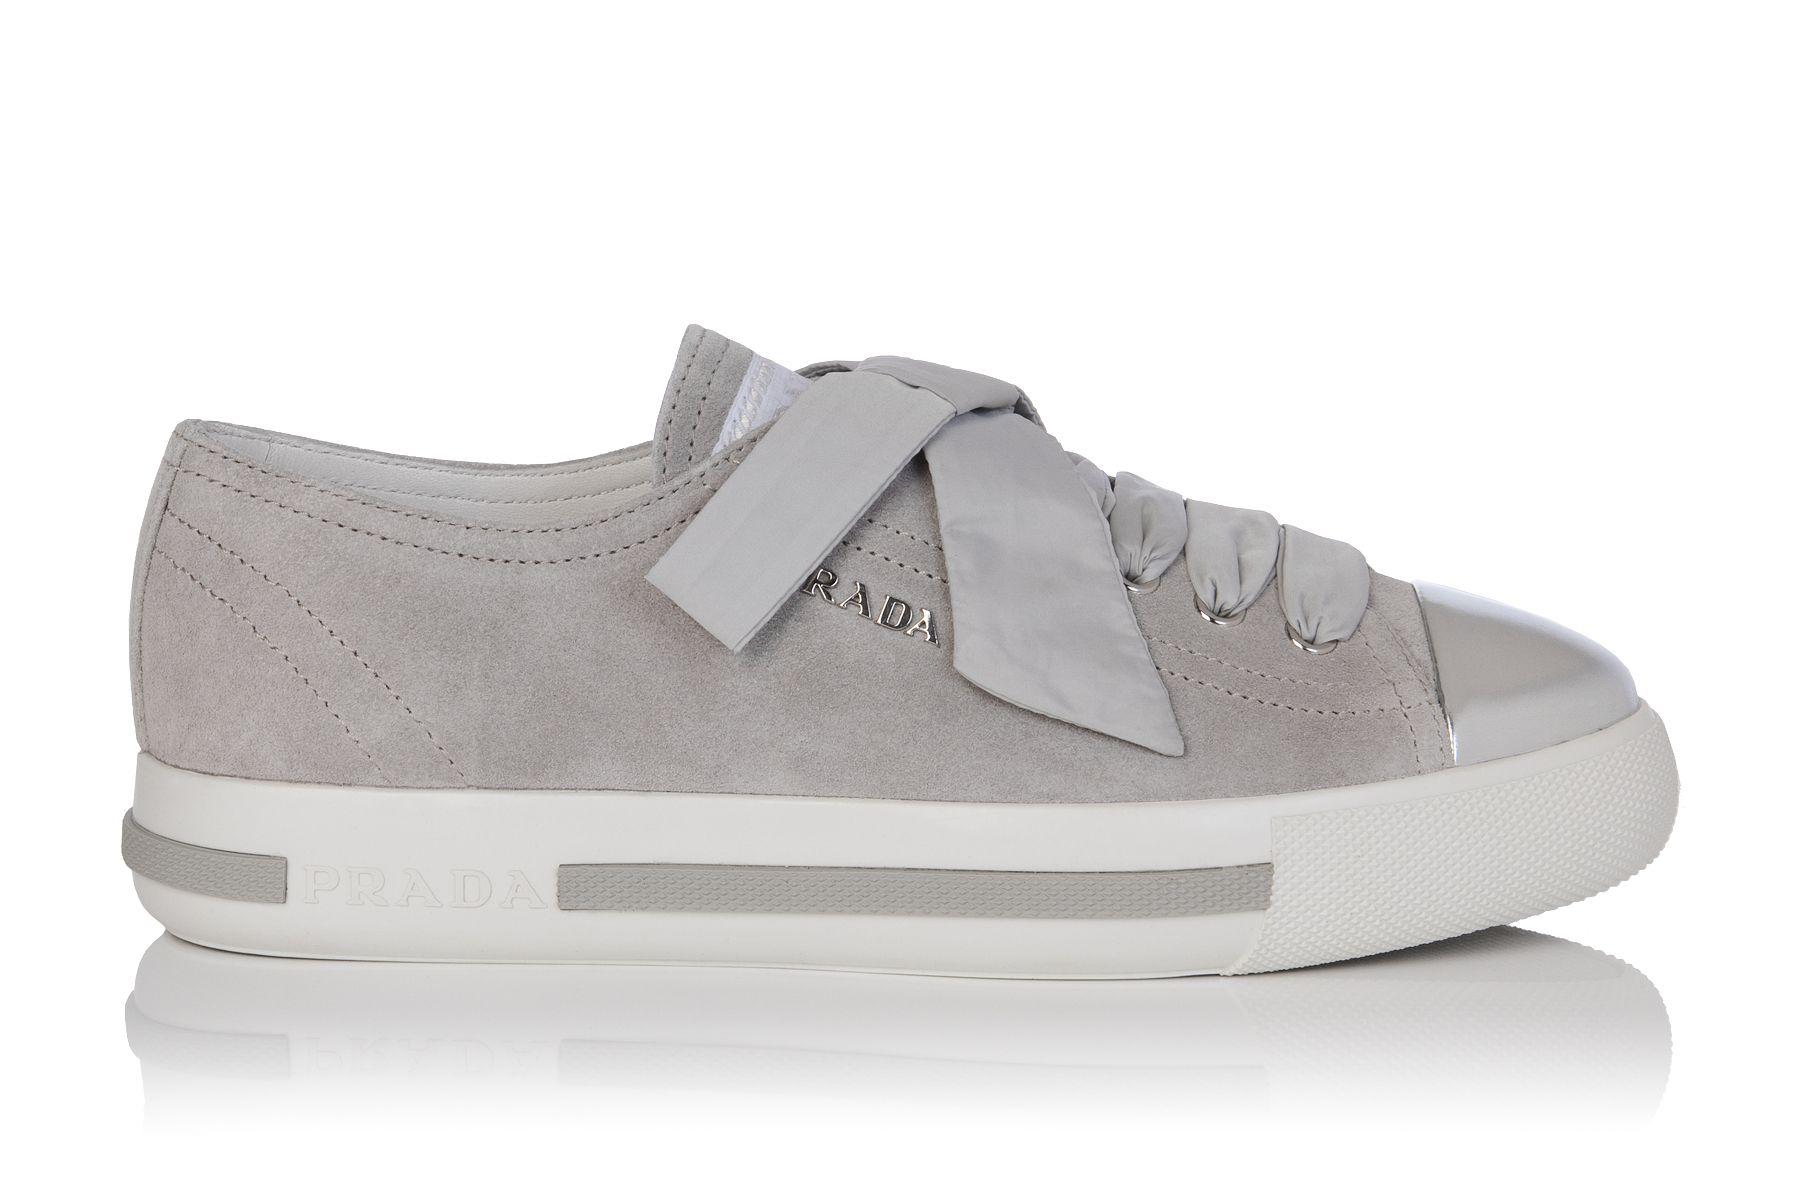 Leather Metallic Cap Toe Sneakers #Prada #Sneakers